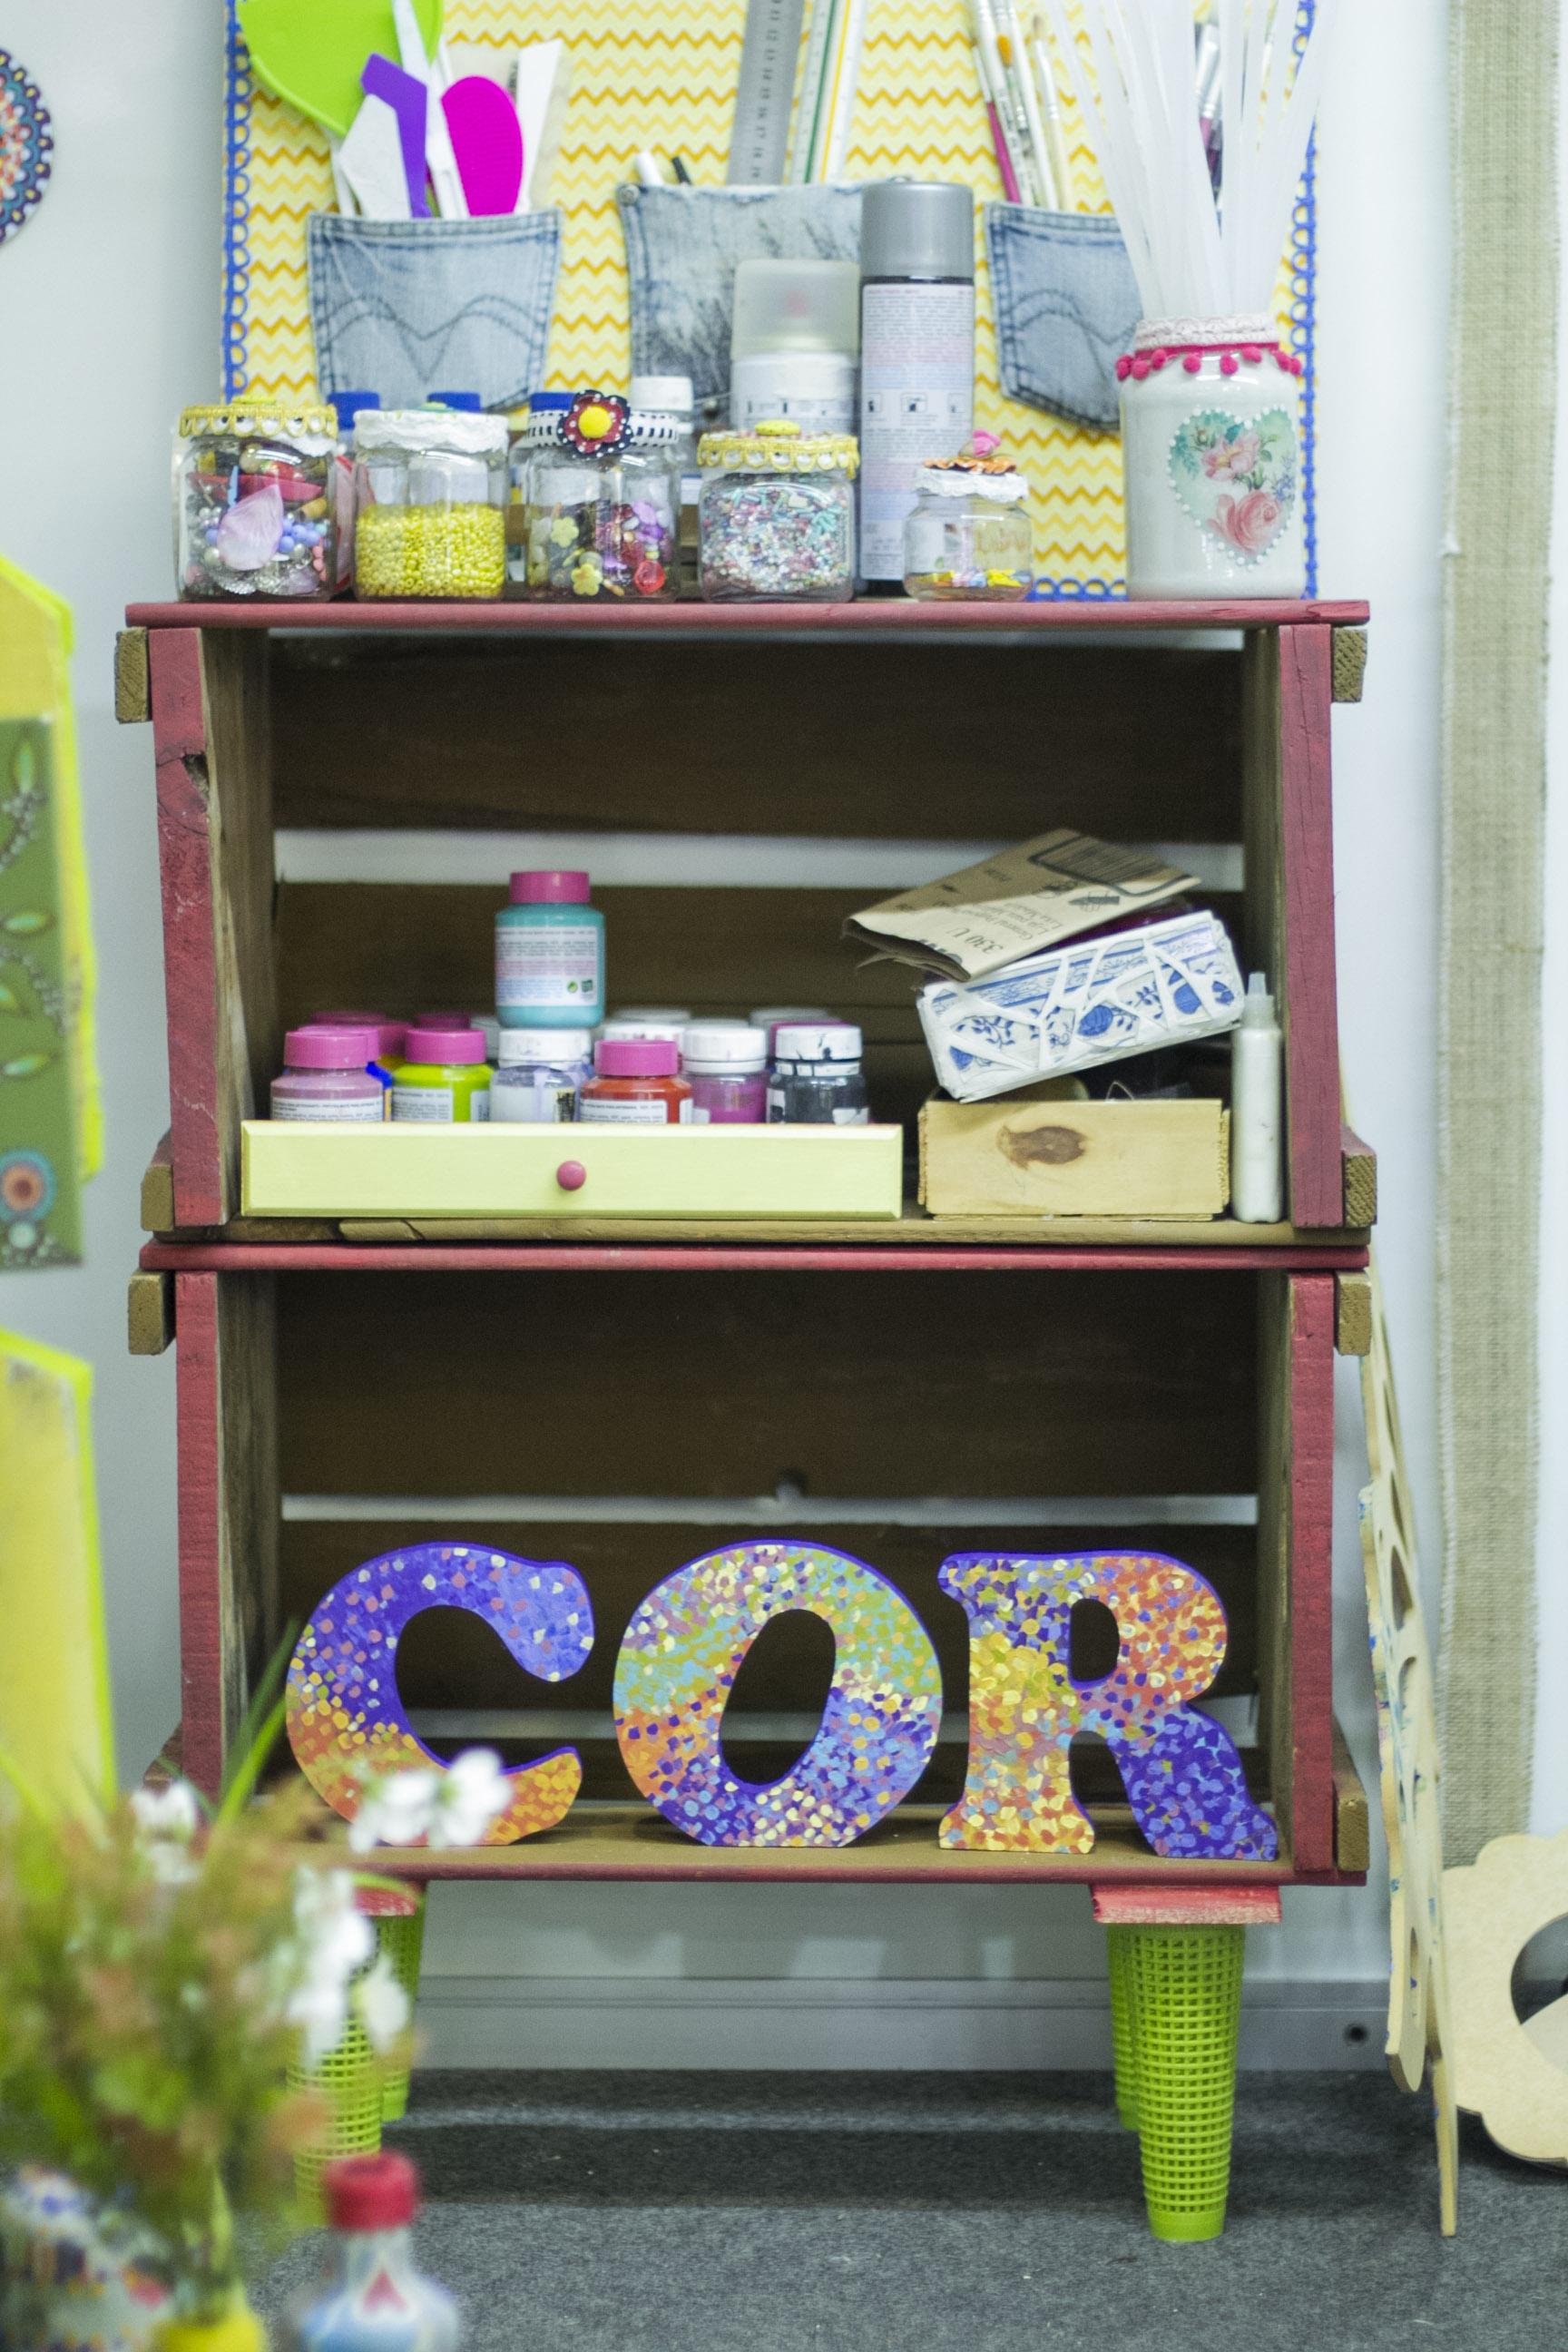 Caixotes viram estante e o trabalho de Jéssica é muito ligado a cores, por isso as letras formando essa palavra